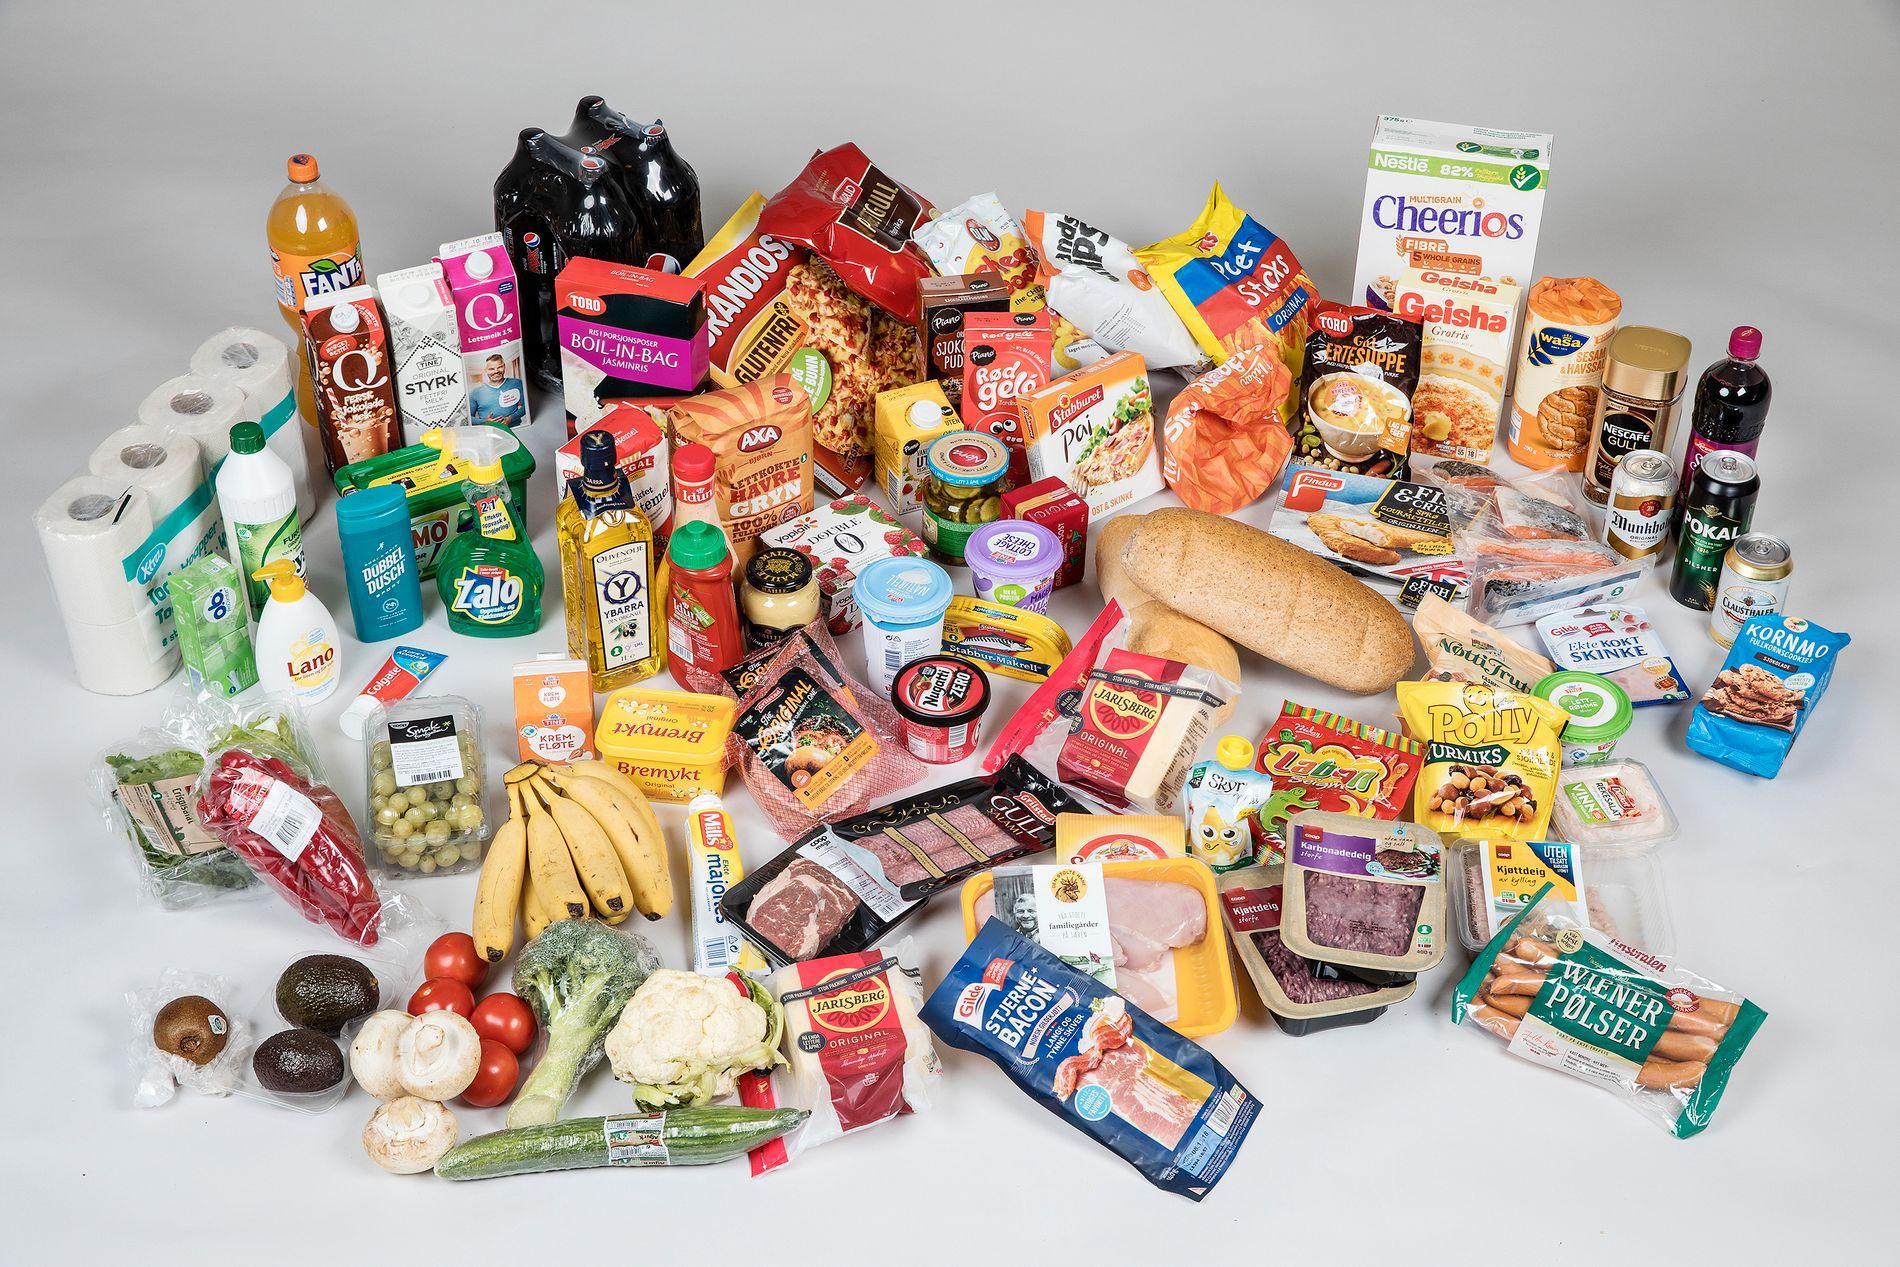 PRISKRIG: Konkurransen om å ha de laveste matprisene spisser seg til. Extra har den billigste handlekurven i VGs lavprisbørs i juli.